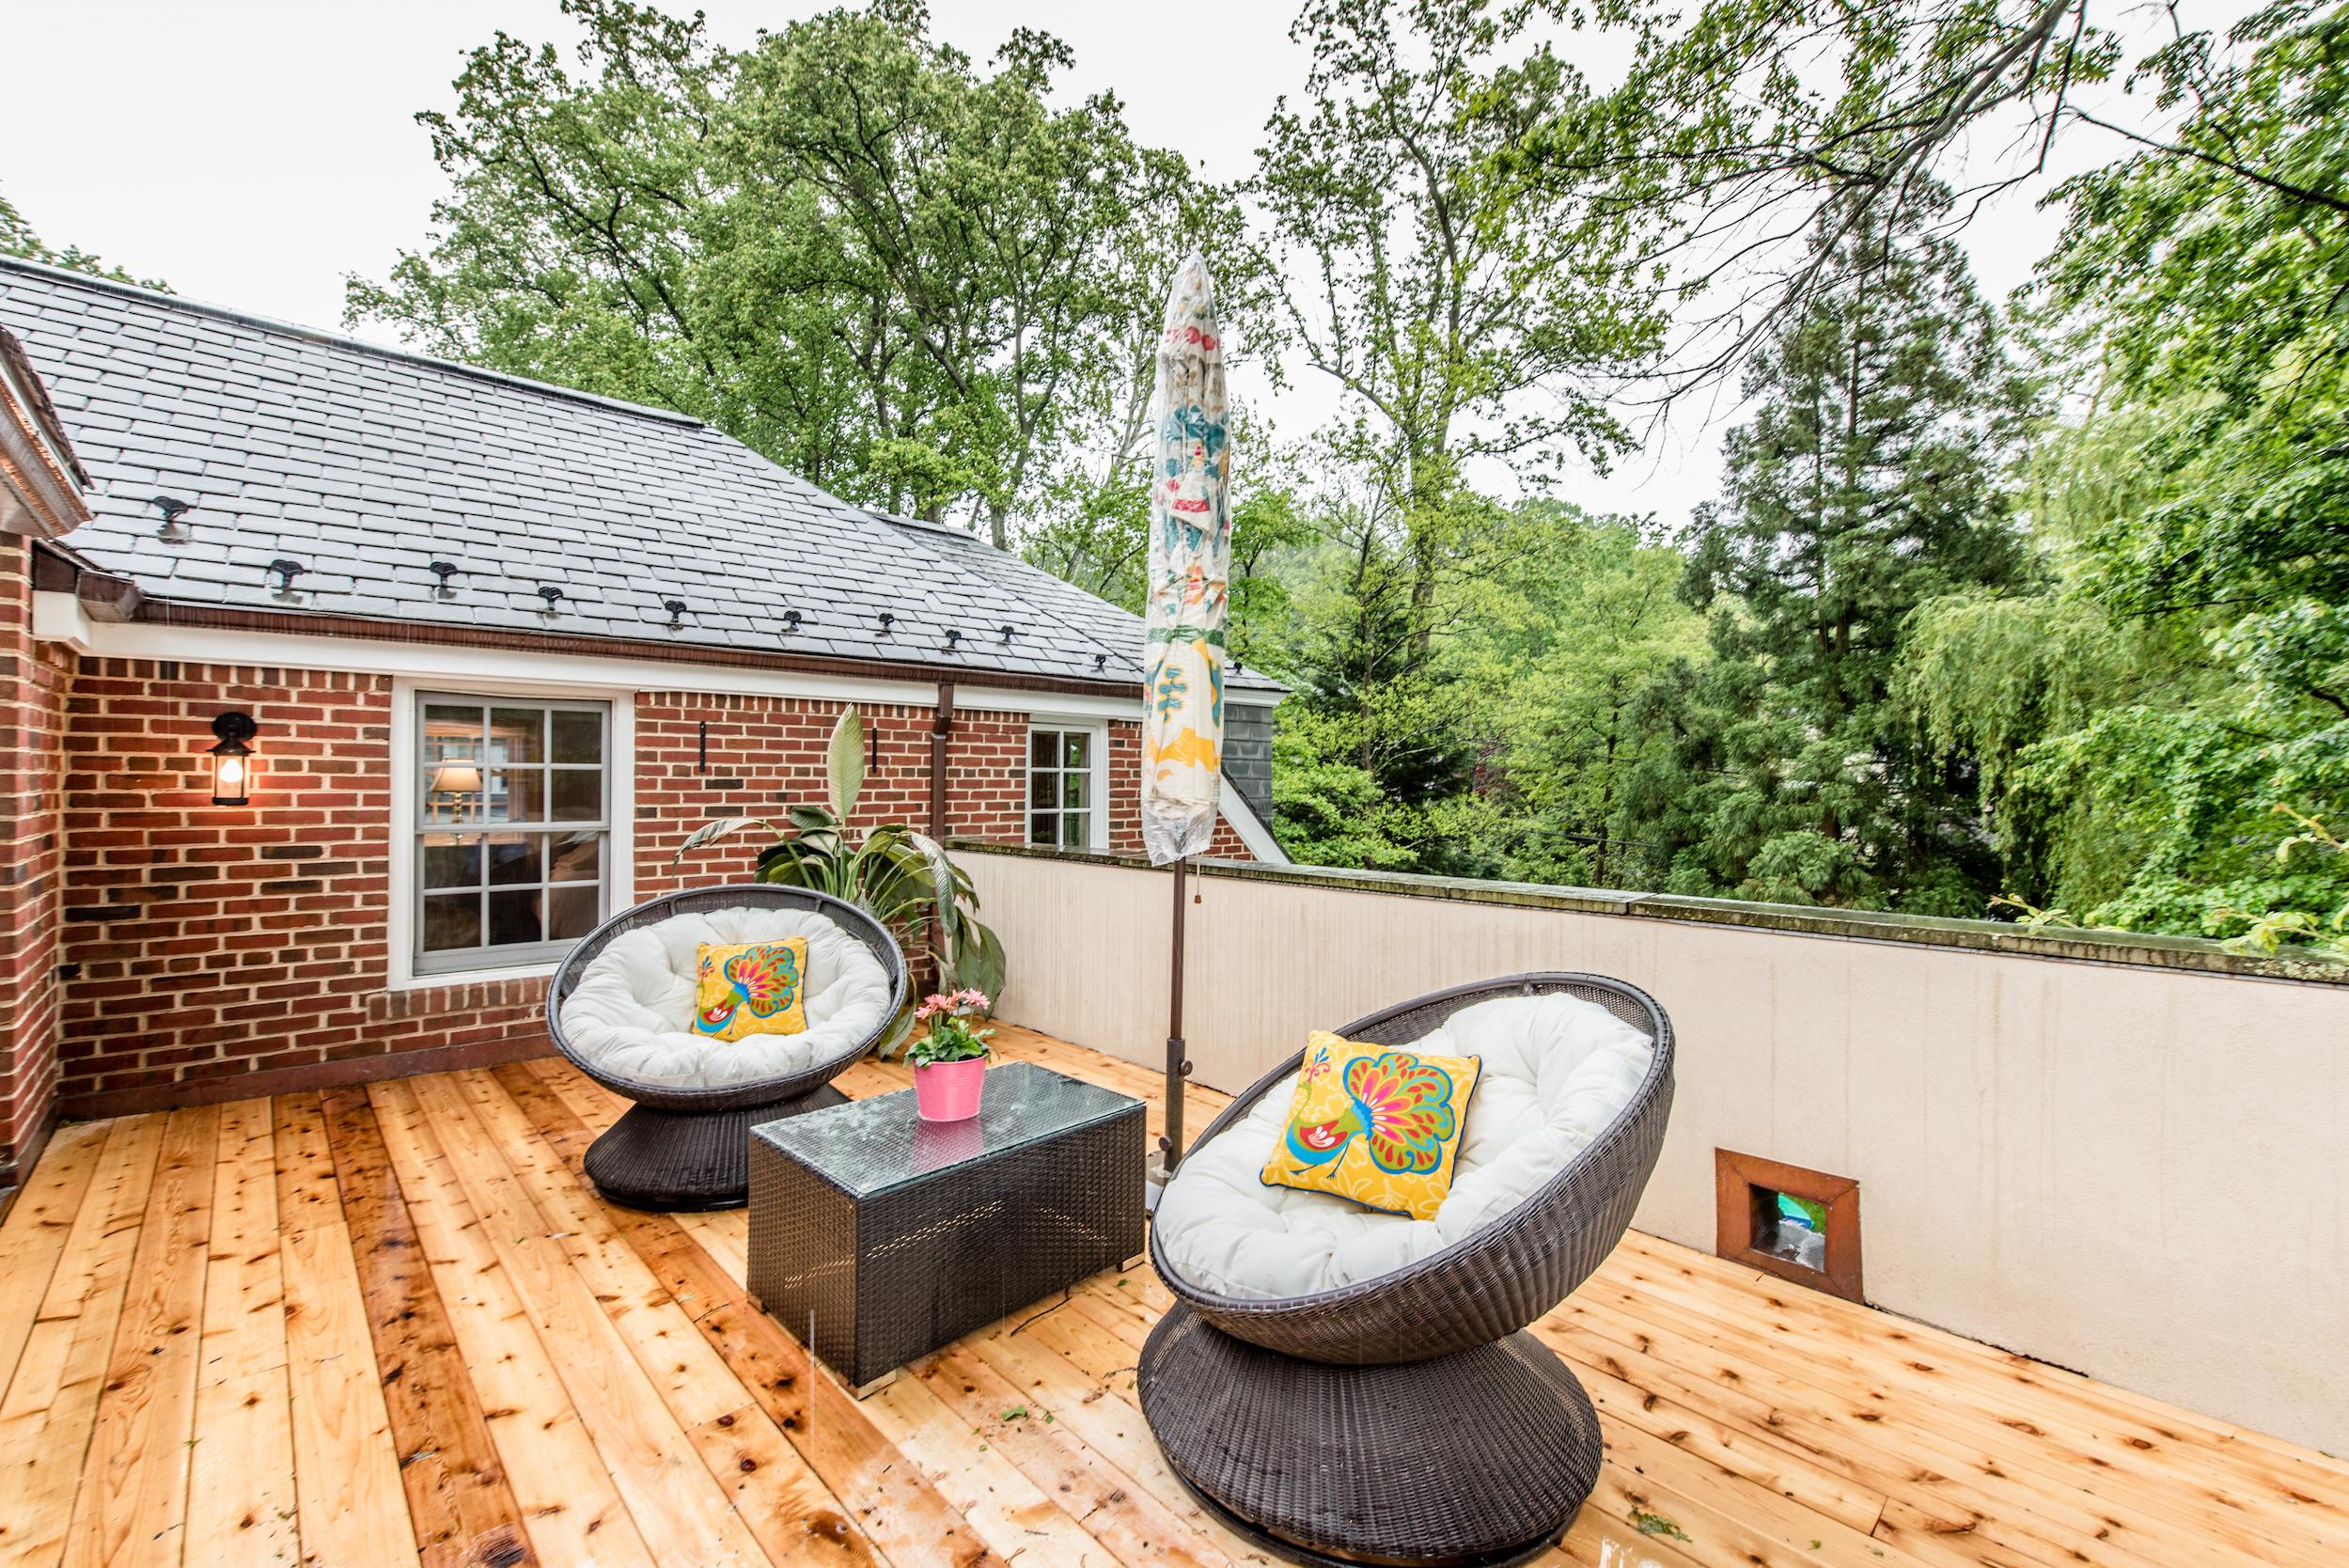 Terrace with New Cedar Flooring